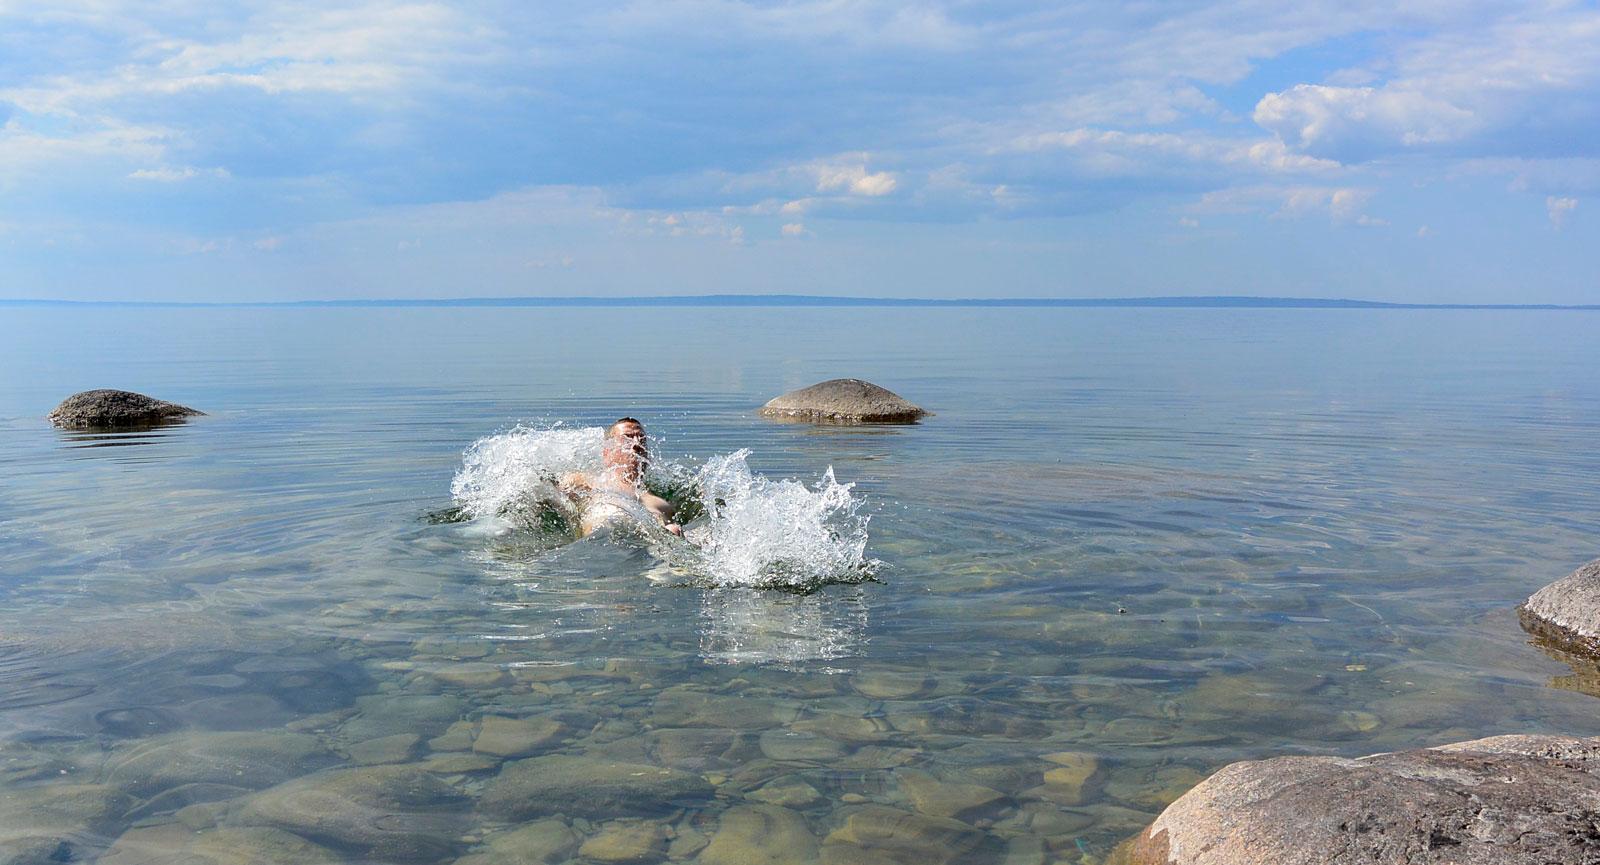 Ett bad i Vätterns kalla vatten ger härlig svalka och får fart på kroppen.